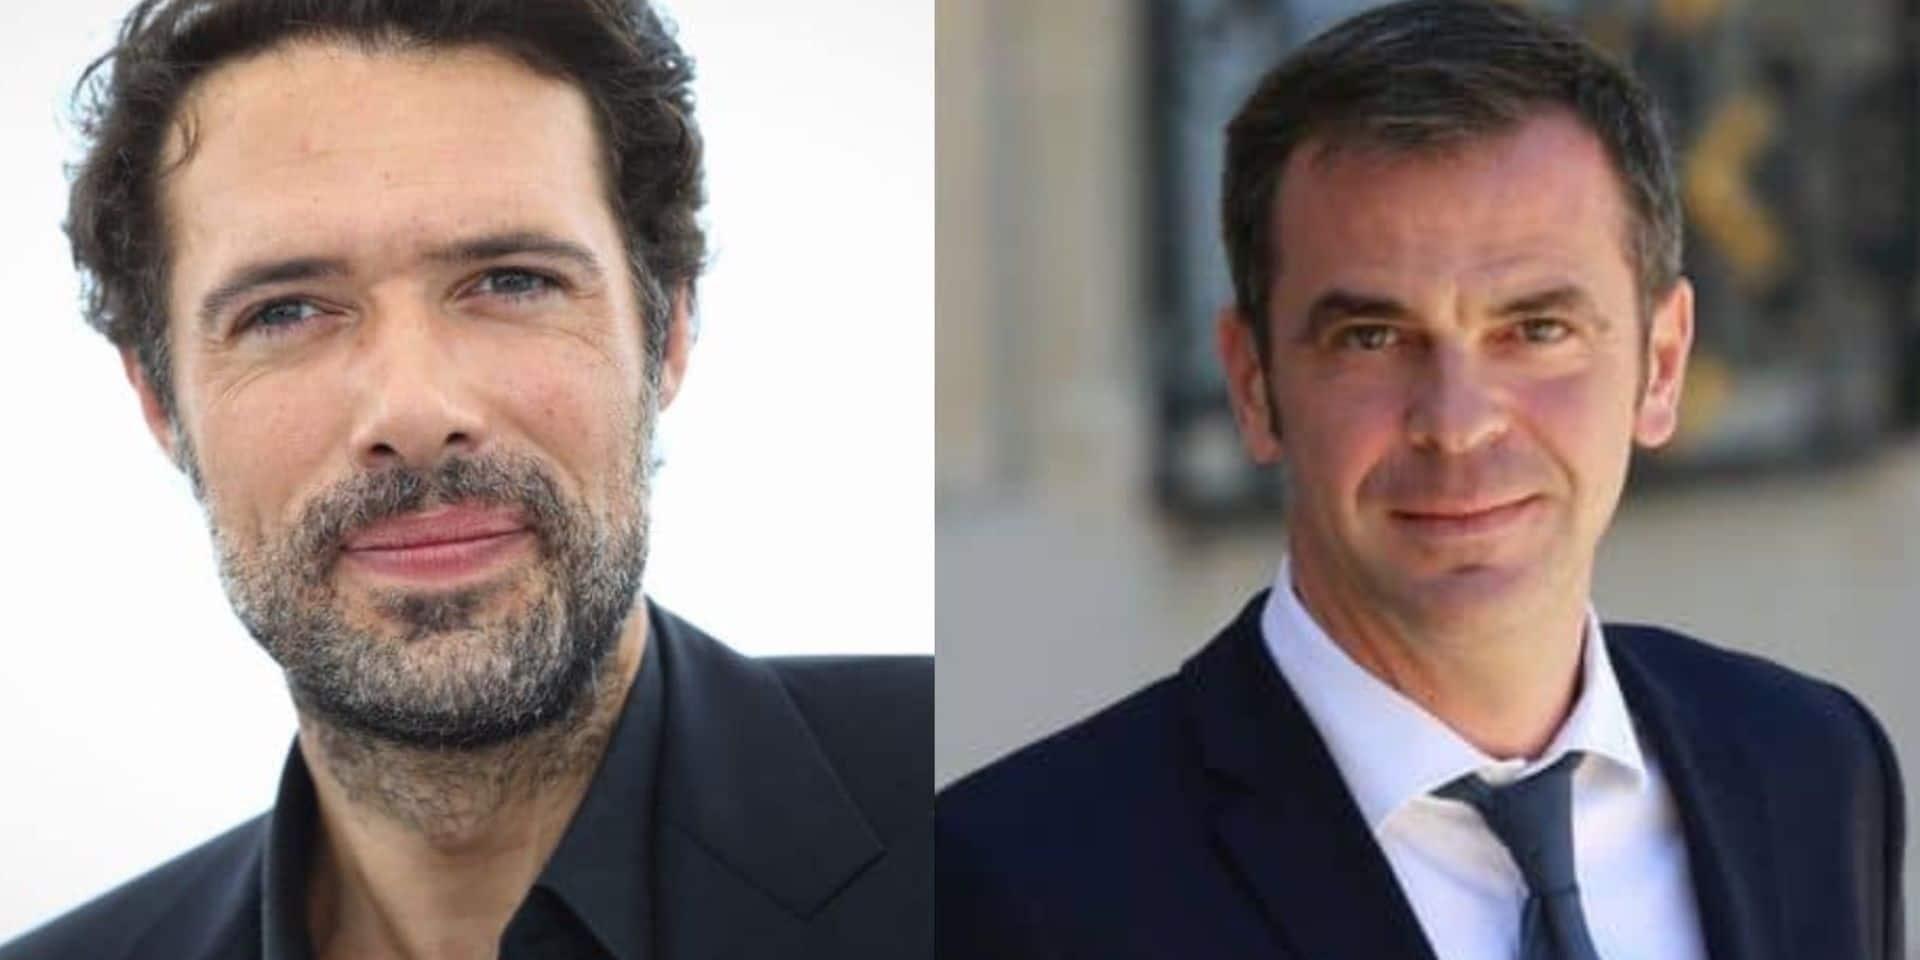 """Le ministre français de la Santé réagit aux propos chocs de Nicolas Bedos: """"Vivre quitte à en mourir, c'est une phrase à l'emporte-pièce"""""""